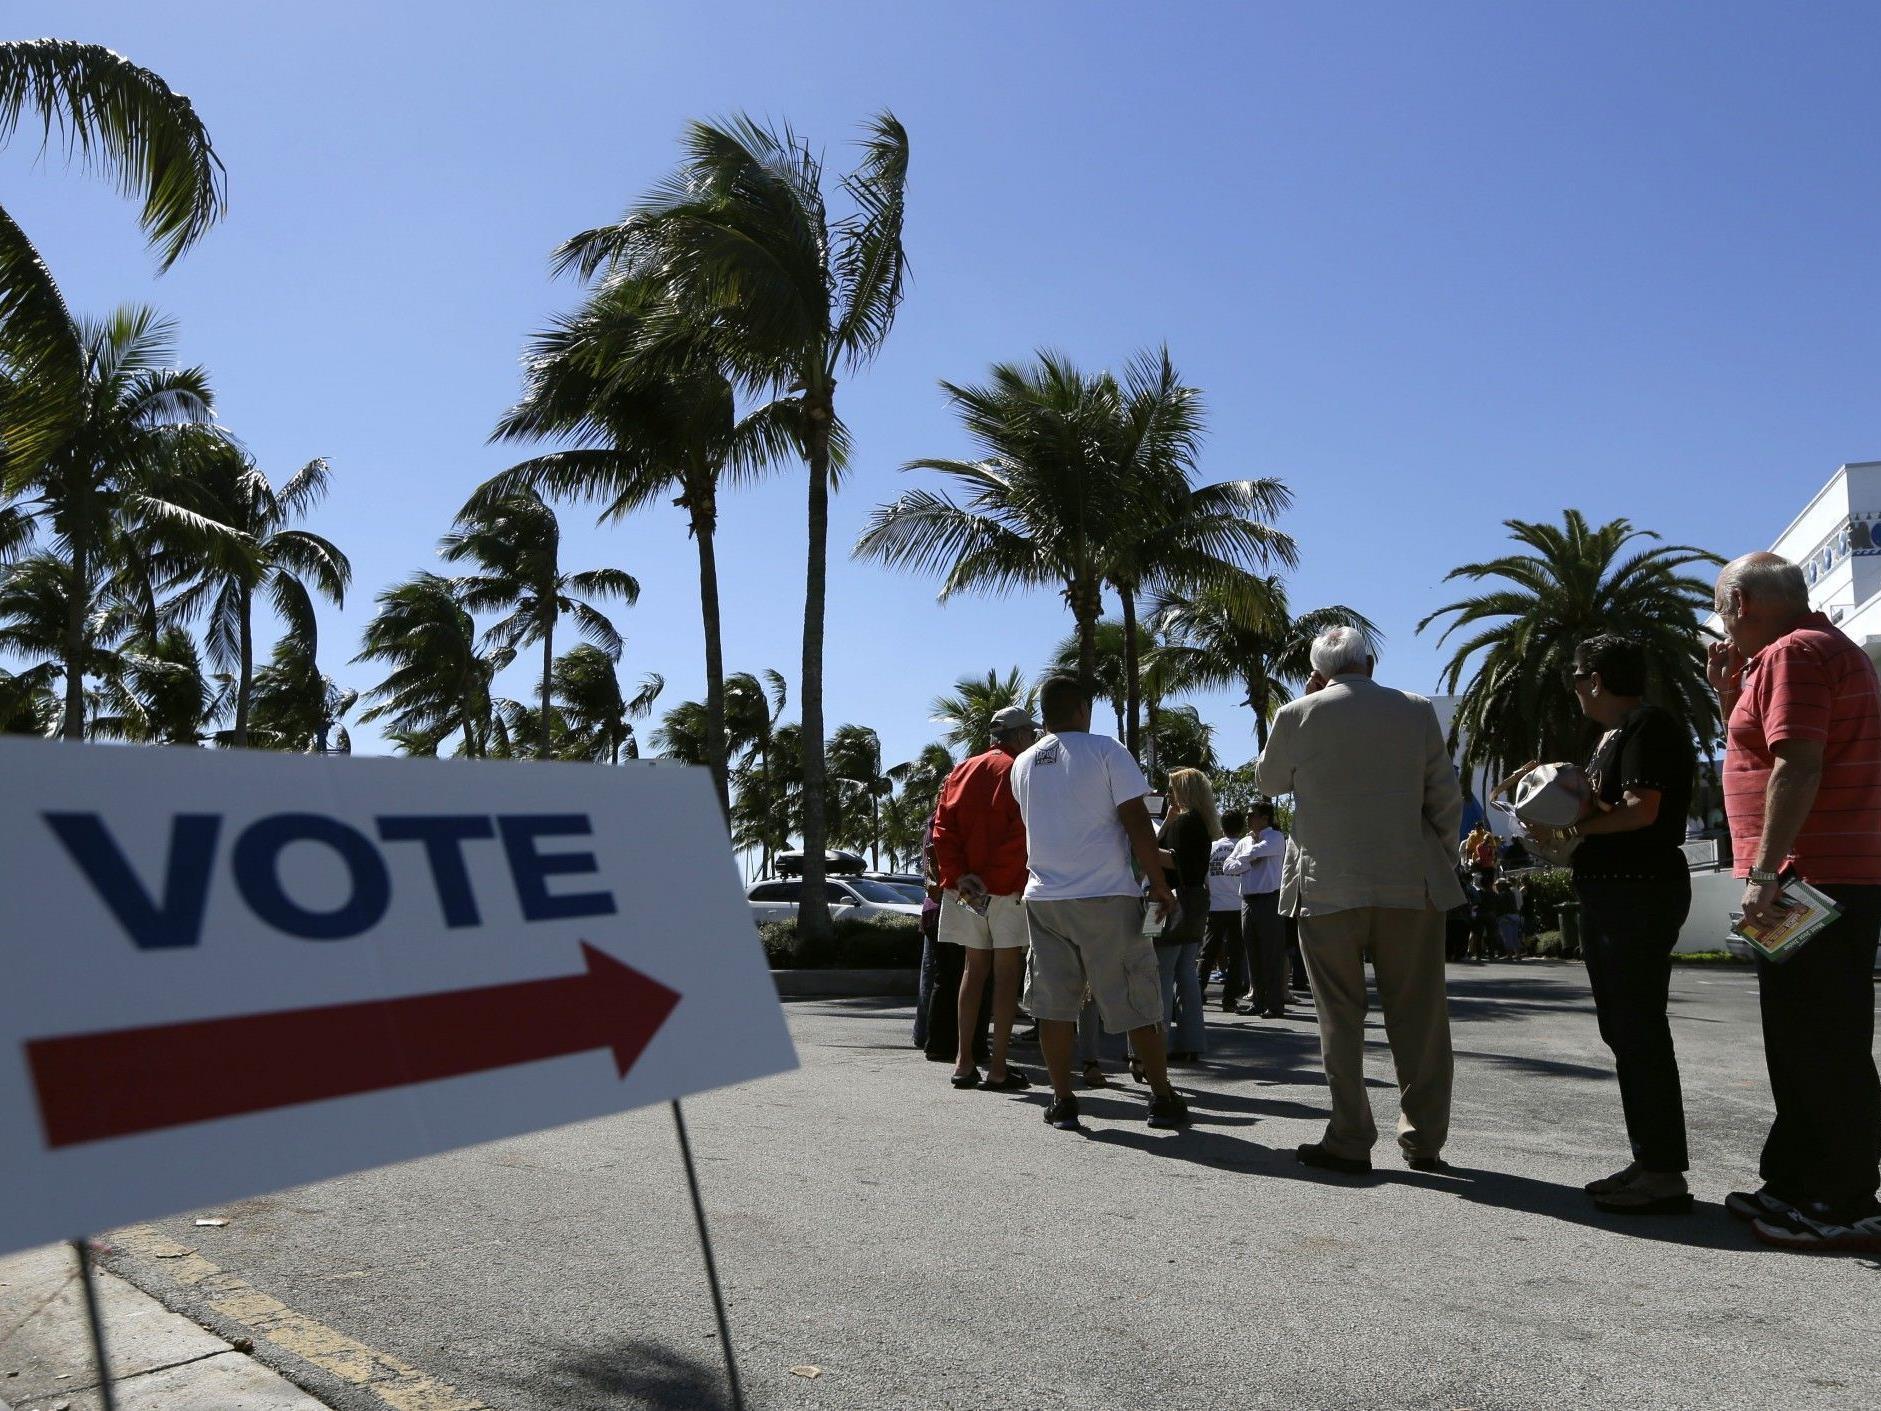 Wahlen auf Bundes- und Staatenebene sowie Referenden und kommunale Urnengänge